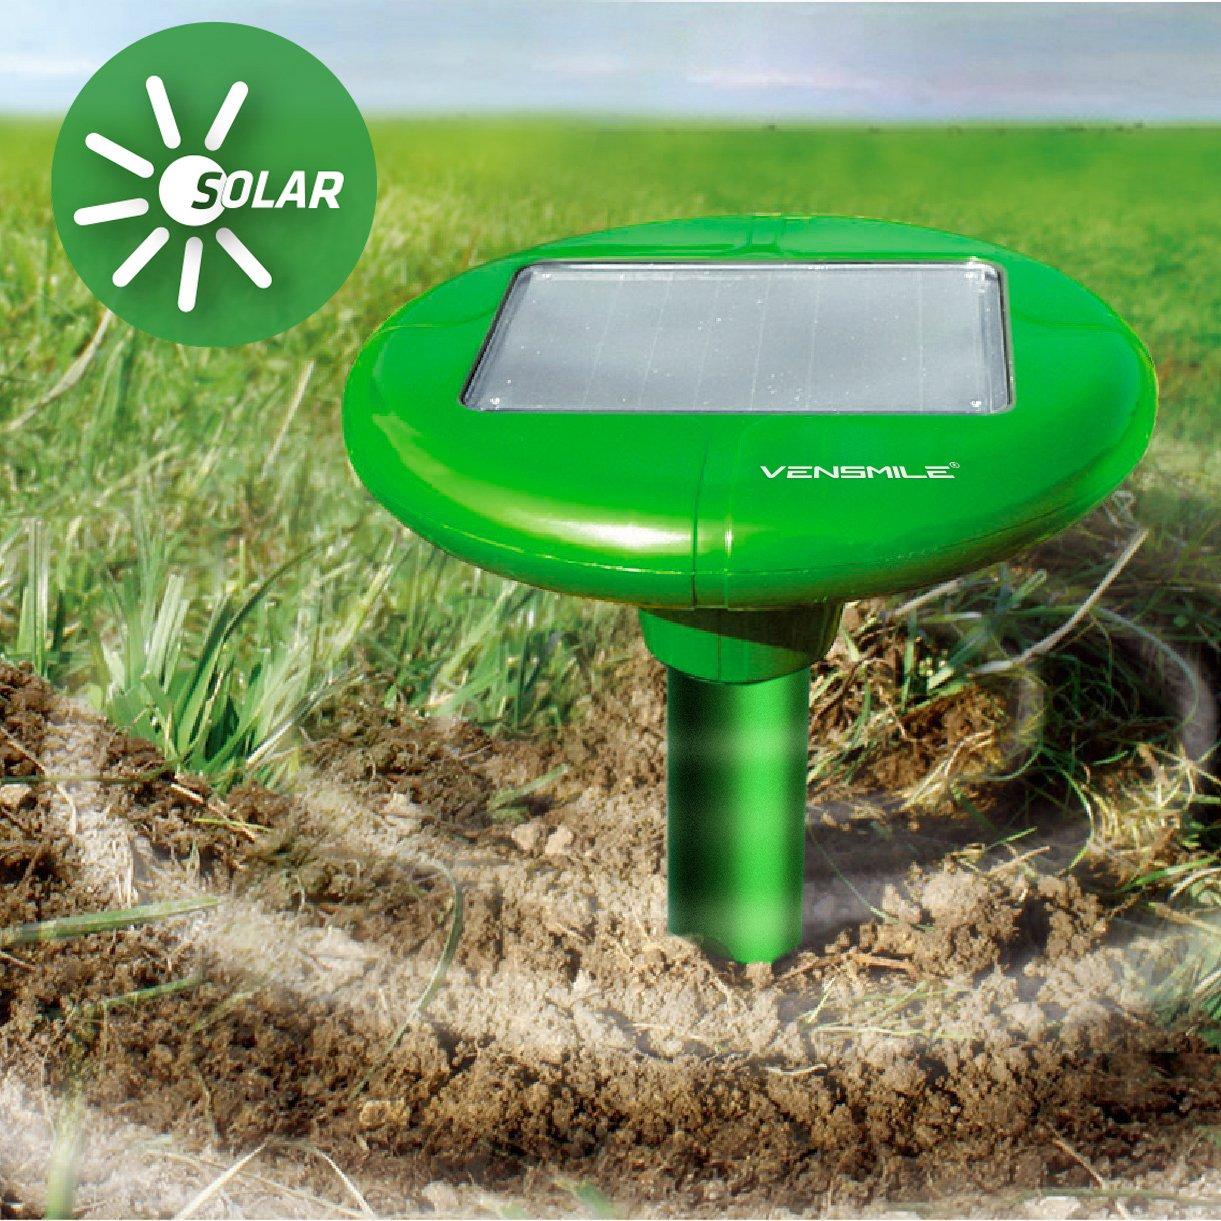 vensmile garden solar powered sonic wave mole repeller repel mole